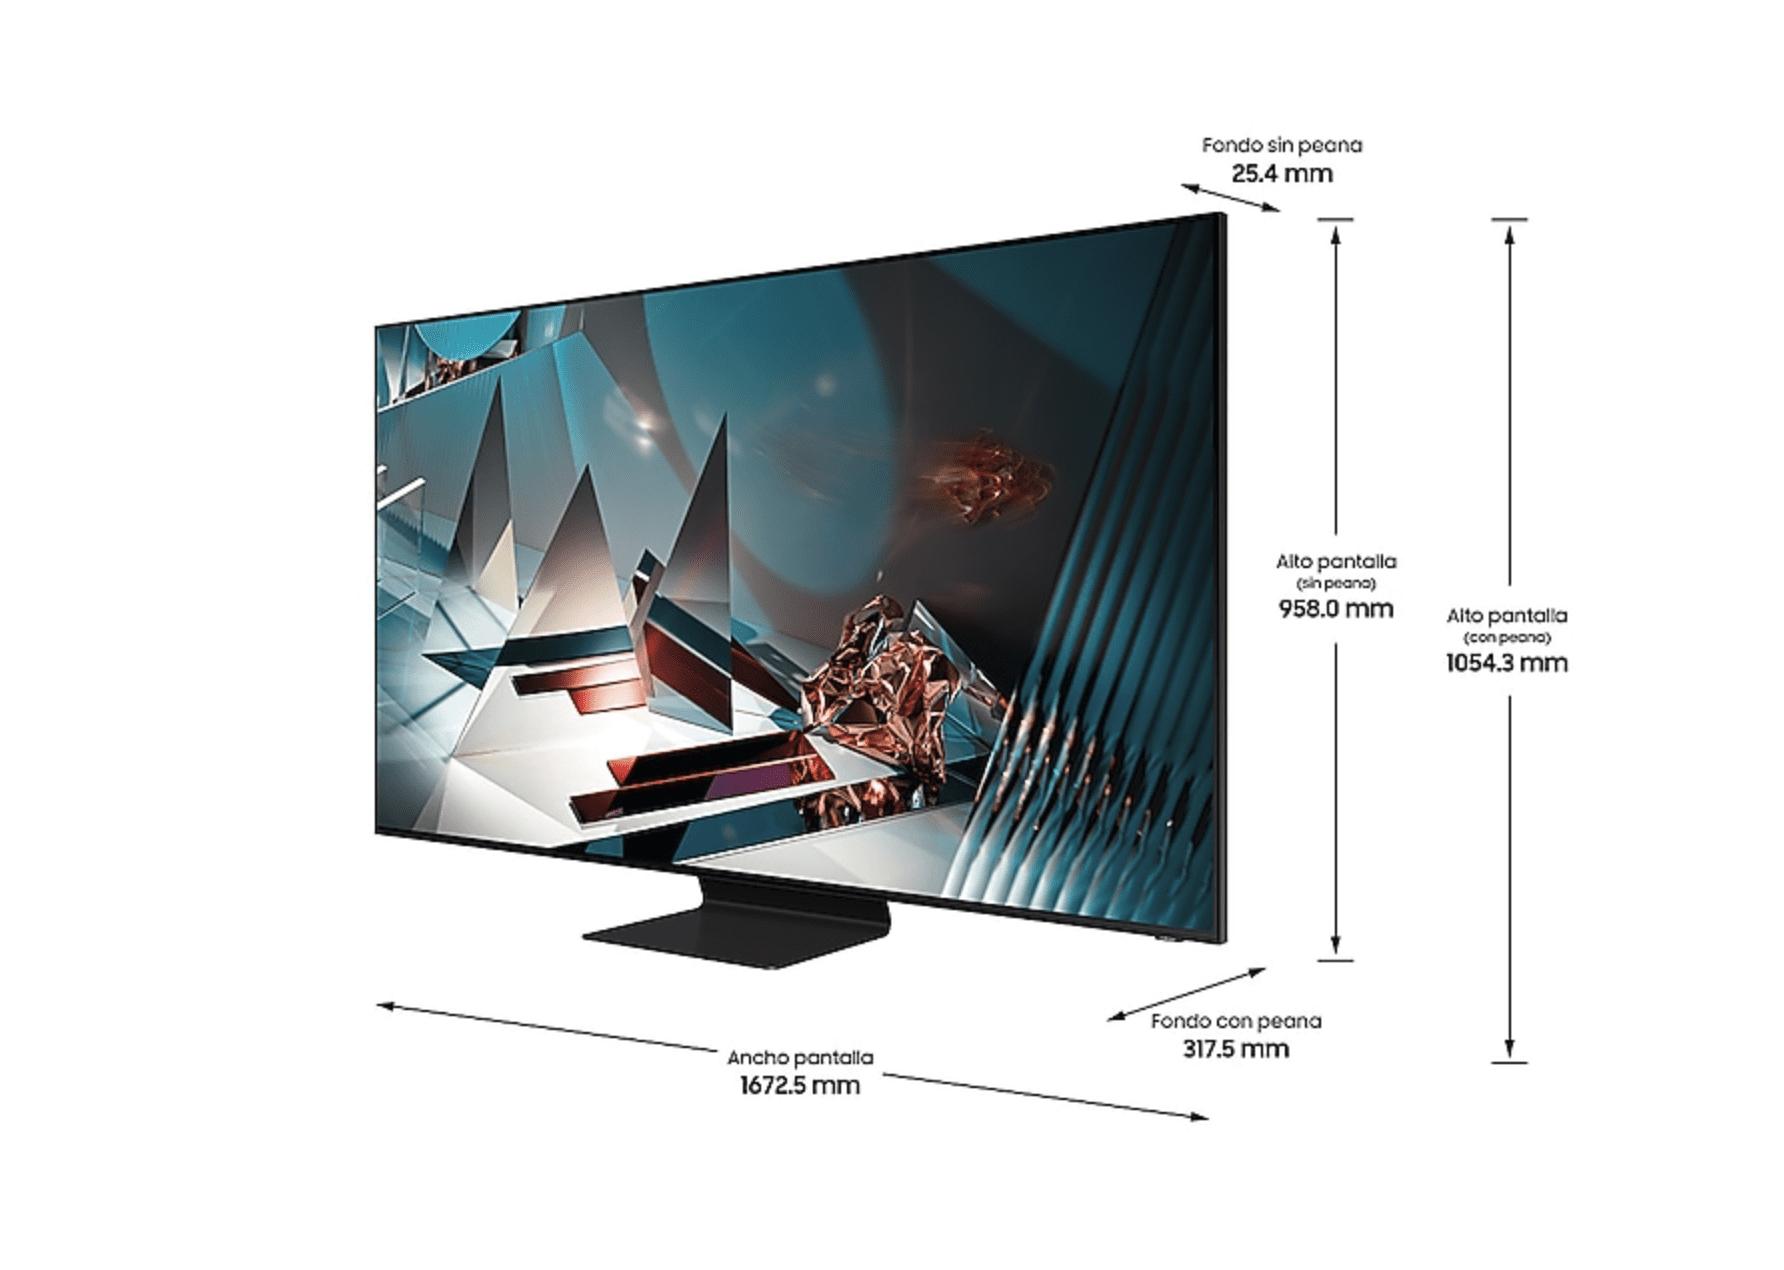 """Dimensiones de la TV Samsung QE75Q800T 75"""" QLED 8K UHD"""